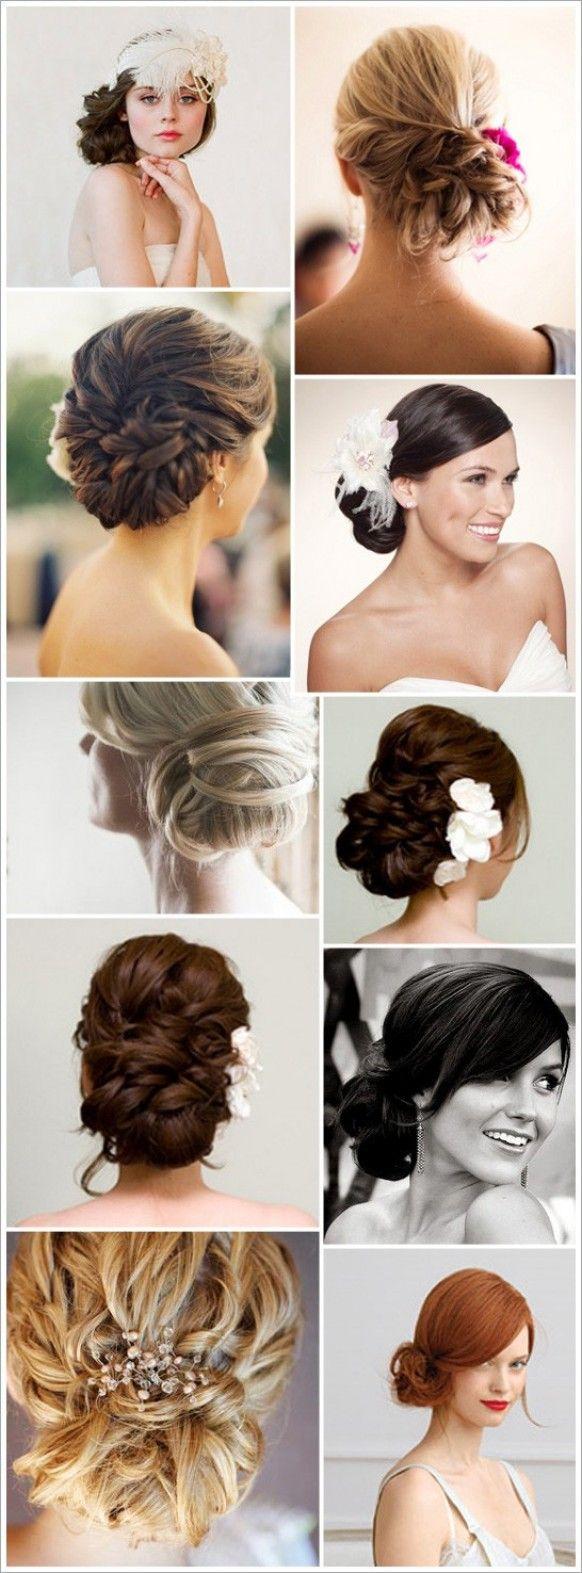 Wunderschöne Haarstyling-Ideen für elegante Auftritte!